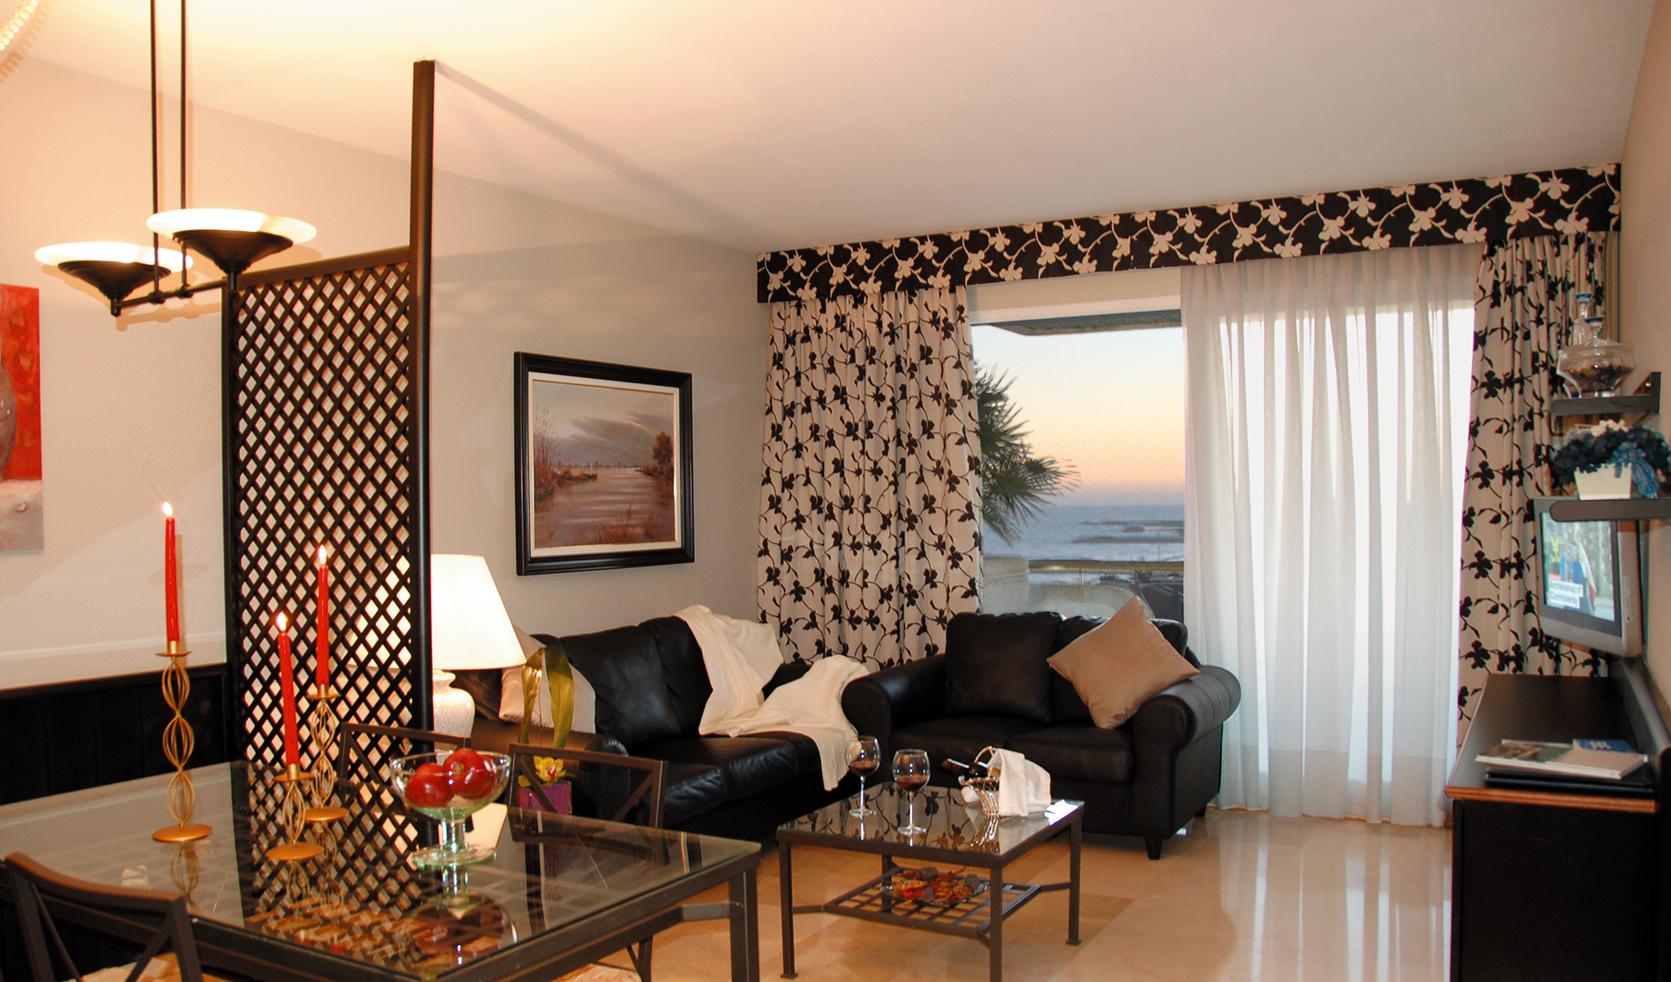 kleines wohn esszimmer mit raumteiler in schwarz fresHouse